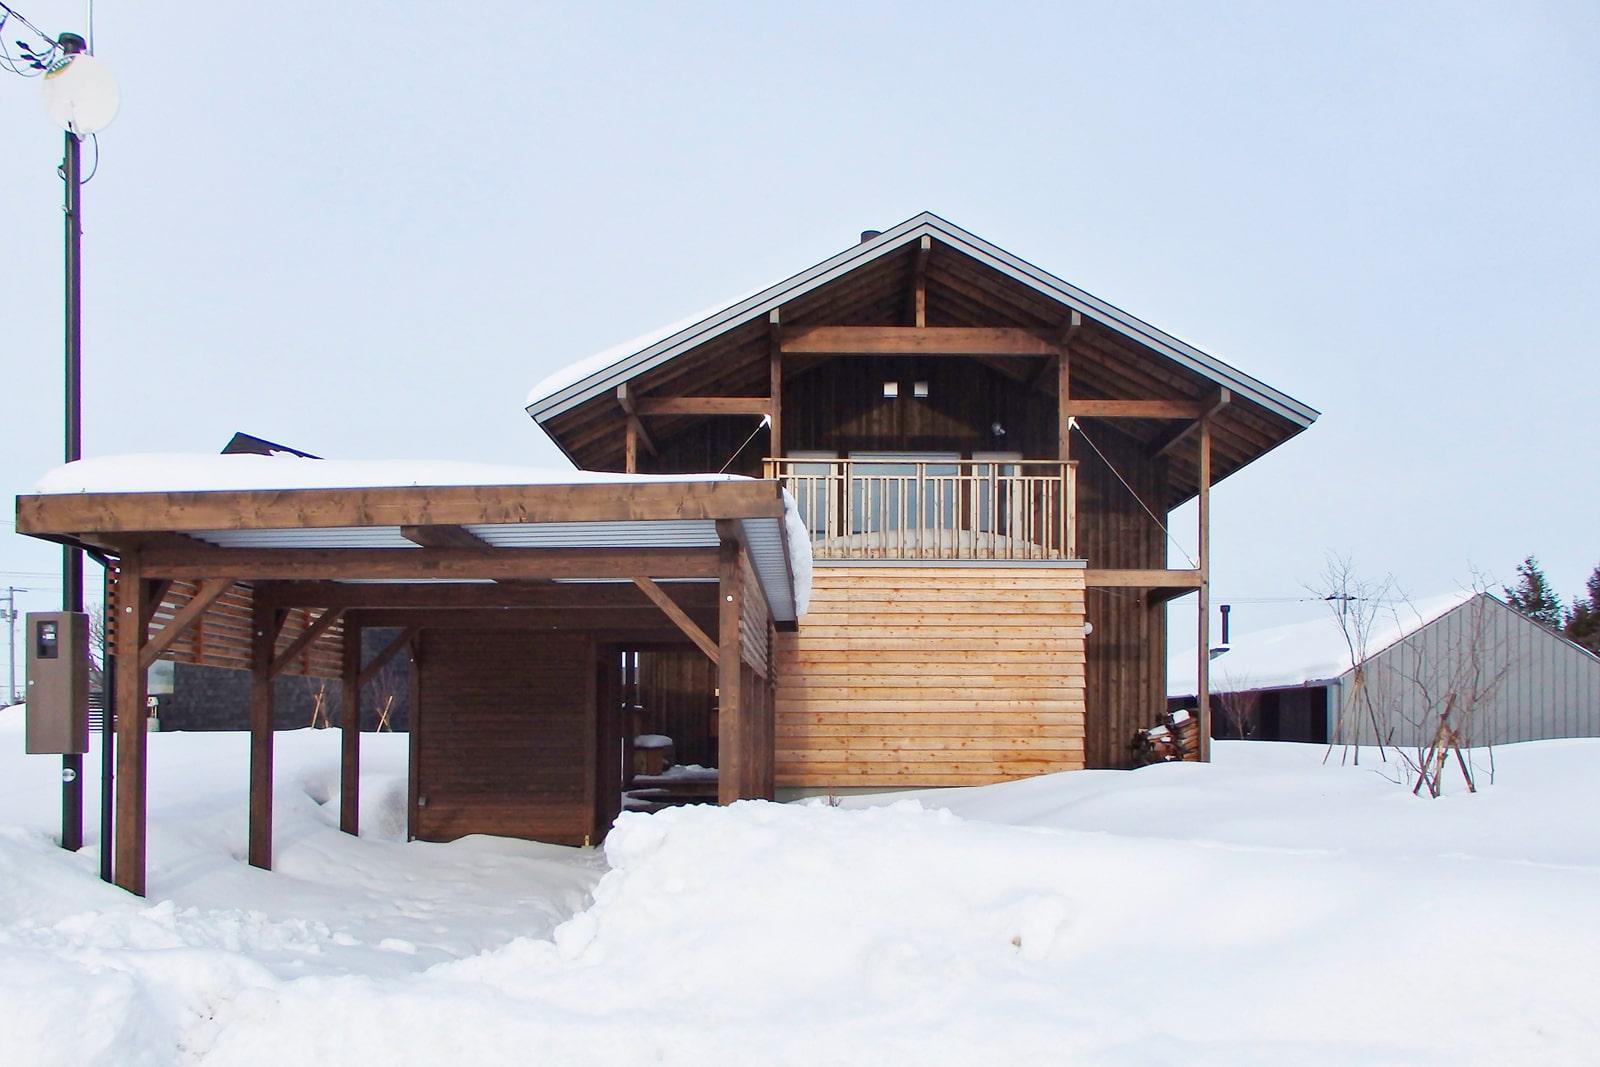 武部建設×アトリエmomo「てまひまくらし」 三角形の大屋根とカラマツ材を使った外壁が目をひく。カーポートも木でつくっている